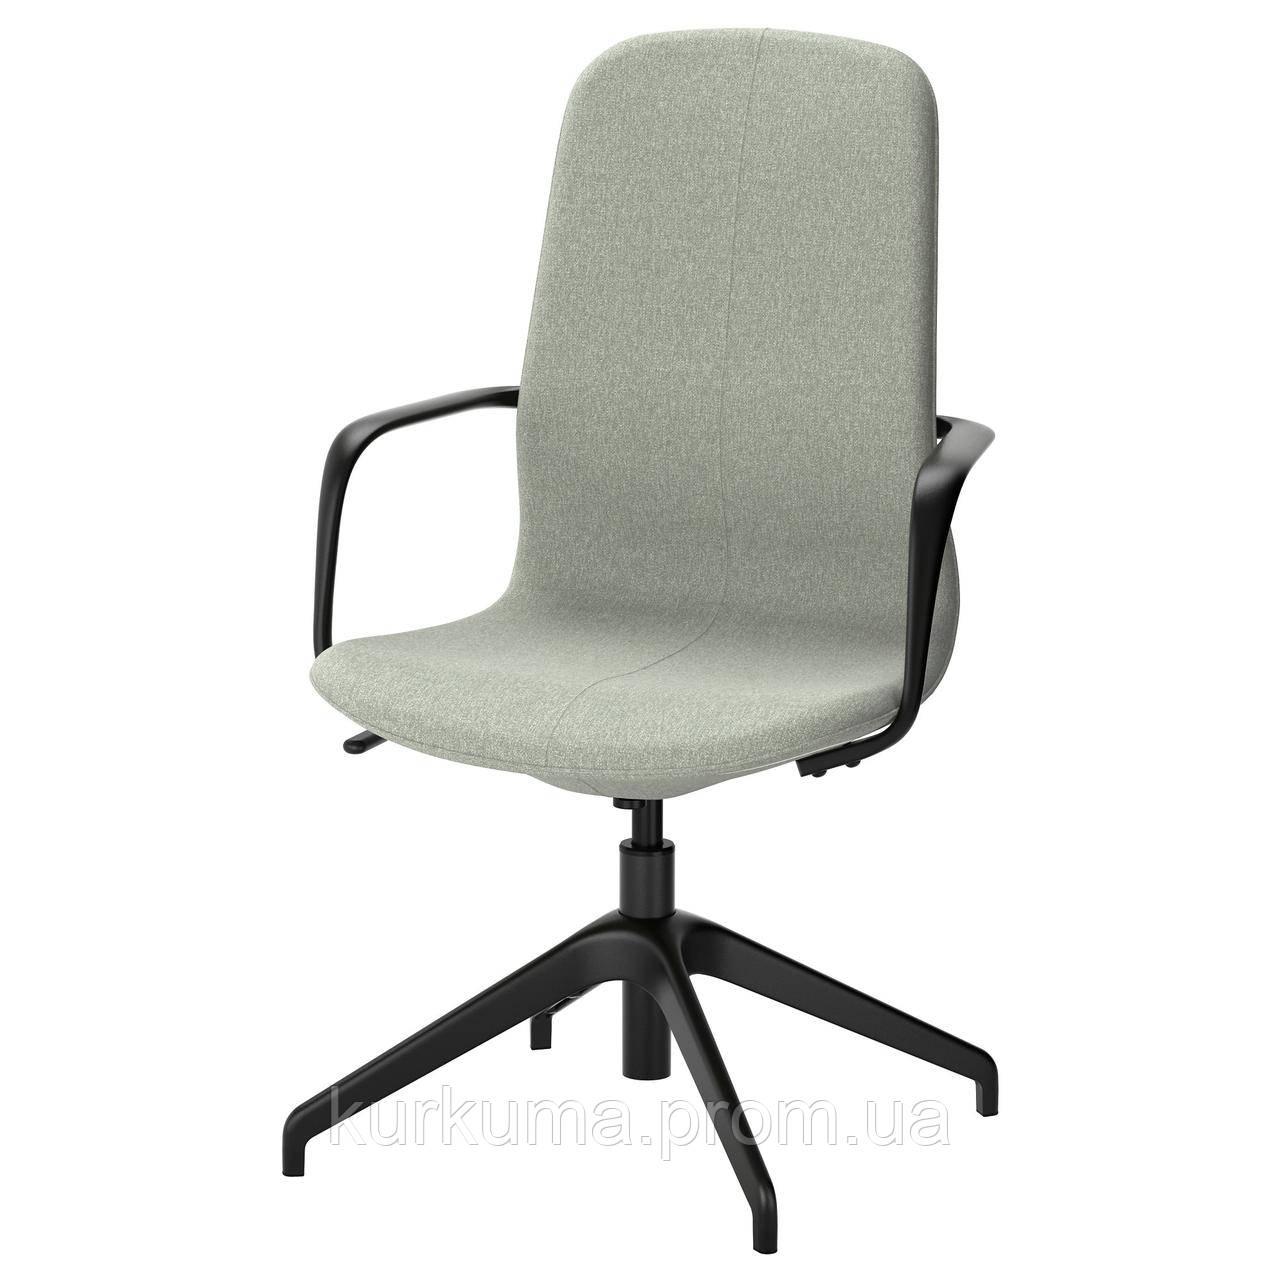 IKEA LANGFJALL Рабочий стул, светло-зеленый, черный  (691.764.88)